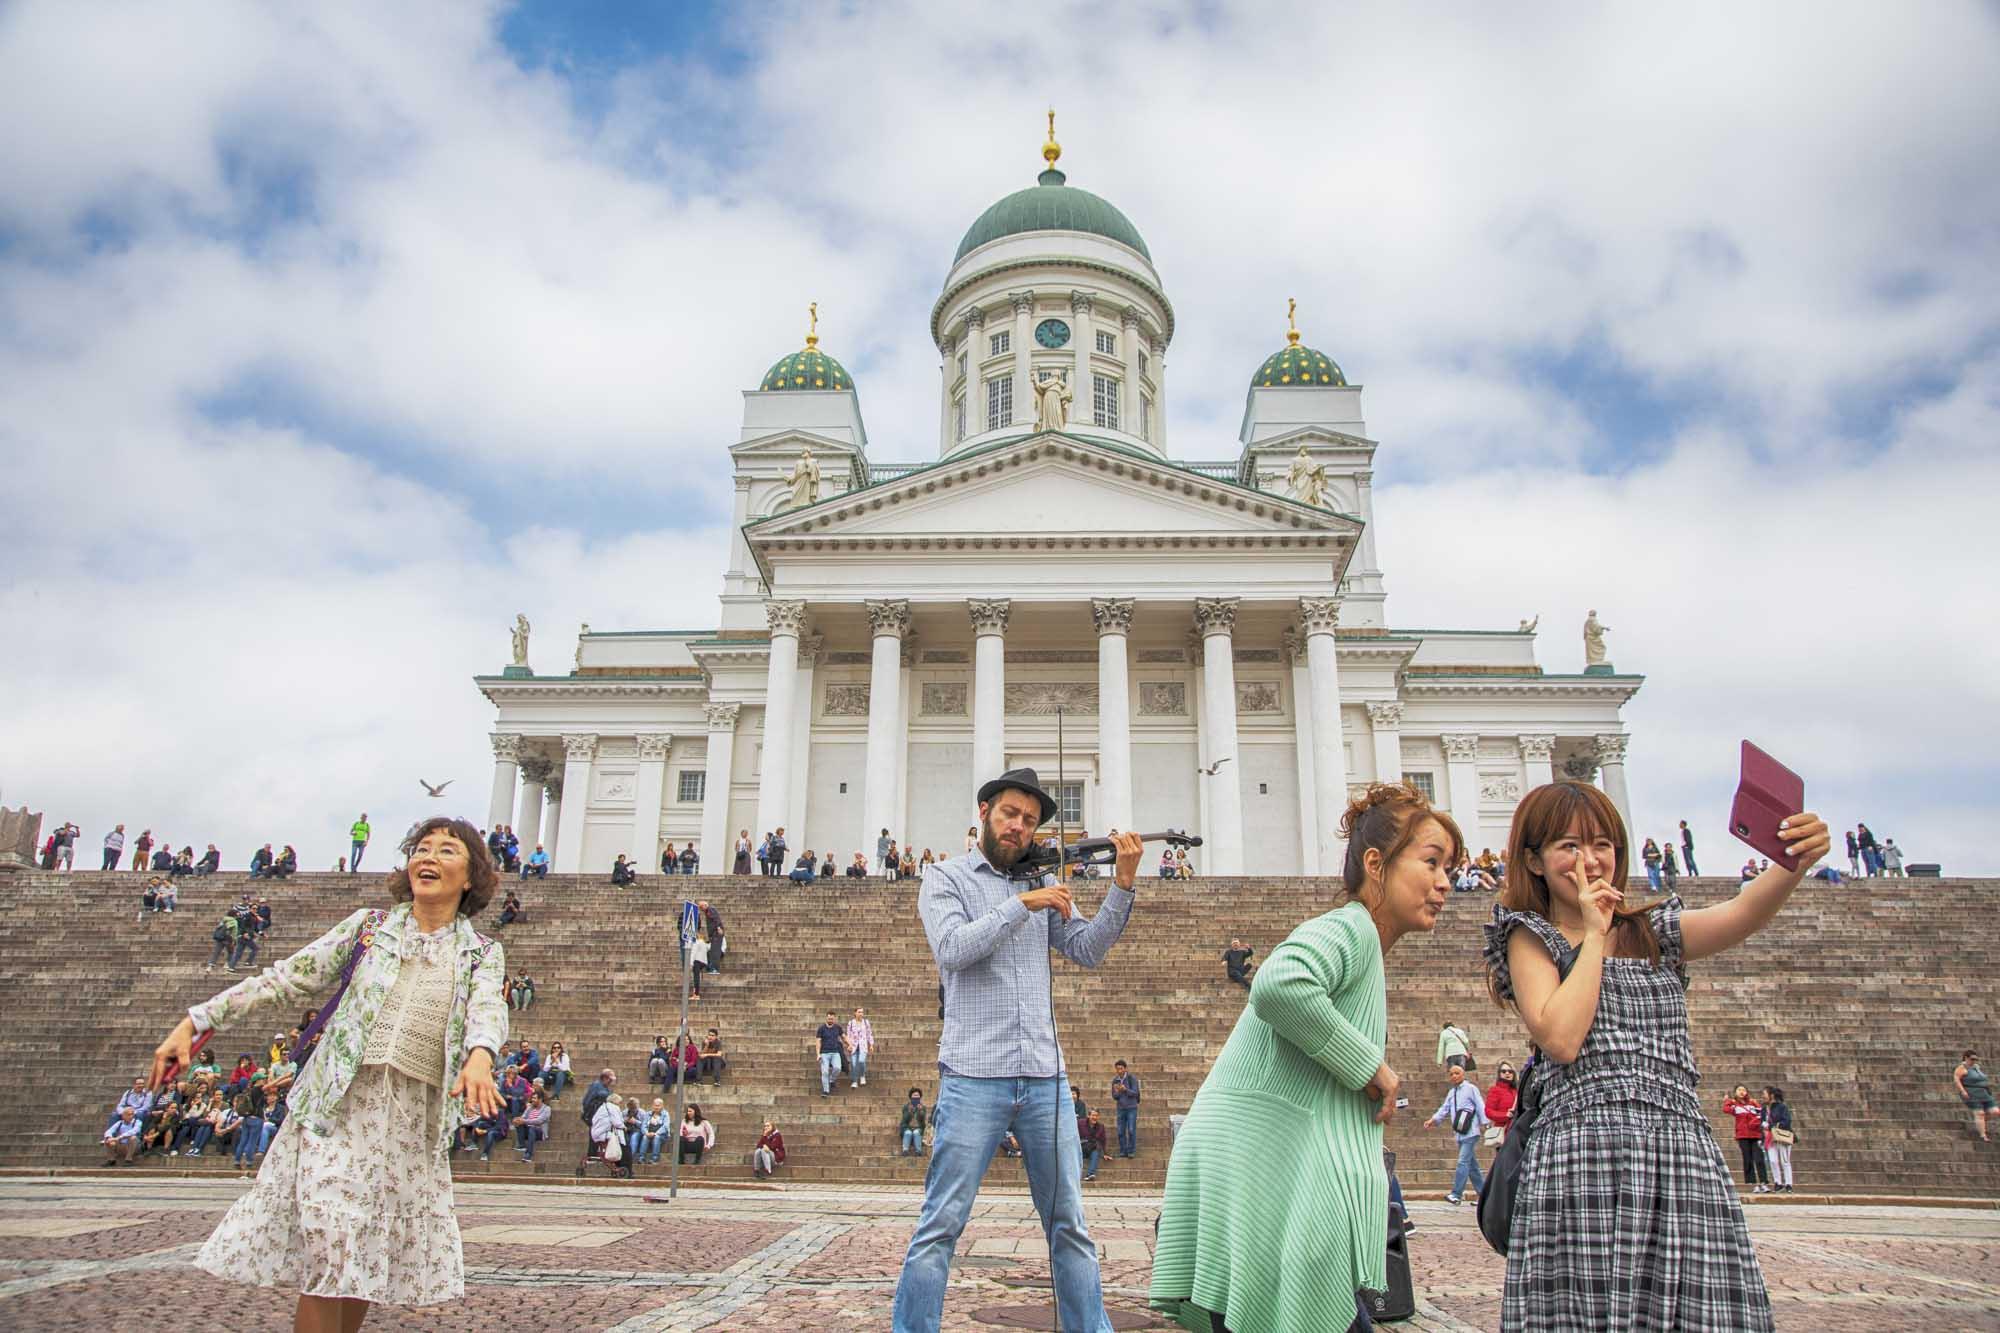 Finnland, Helsinki, Innenstadt, Senatsplatz, Dom von Helsinki, asiatische Touristen, Strassenmusiker